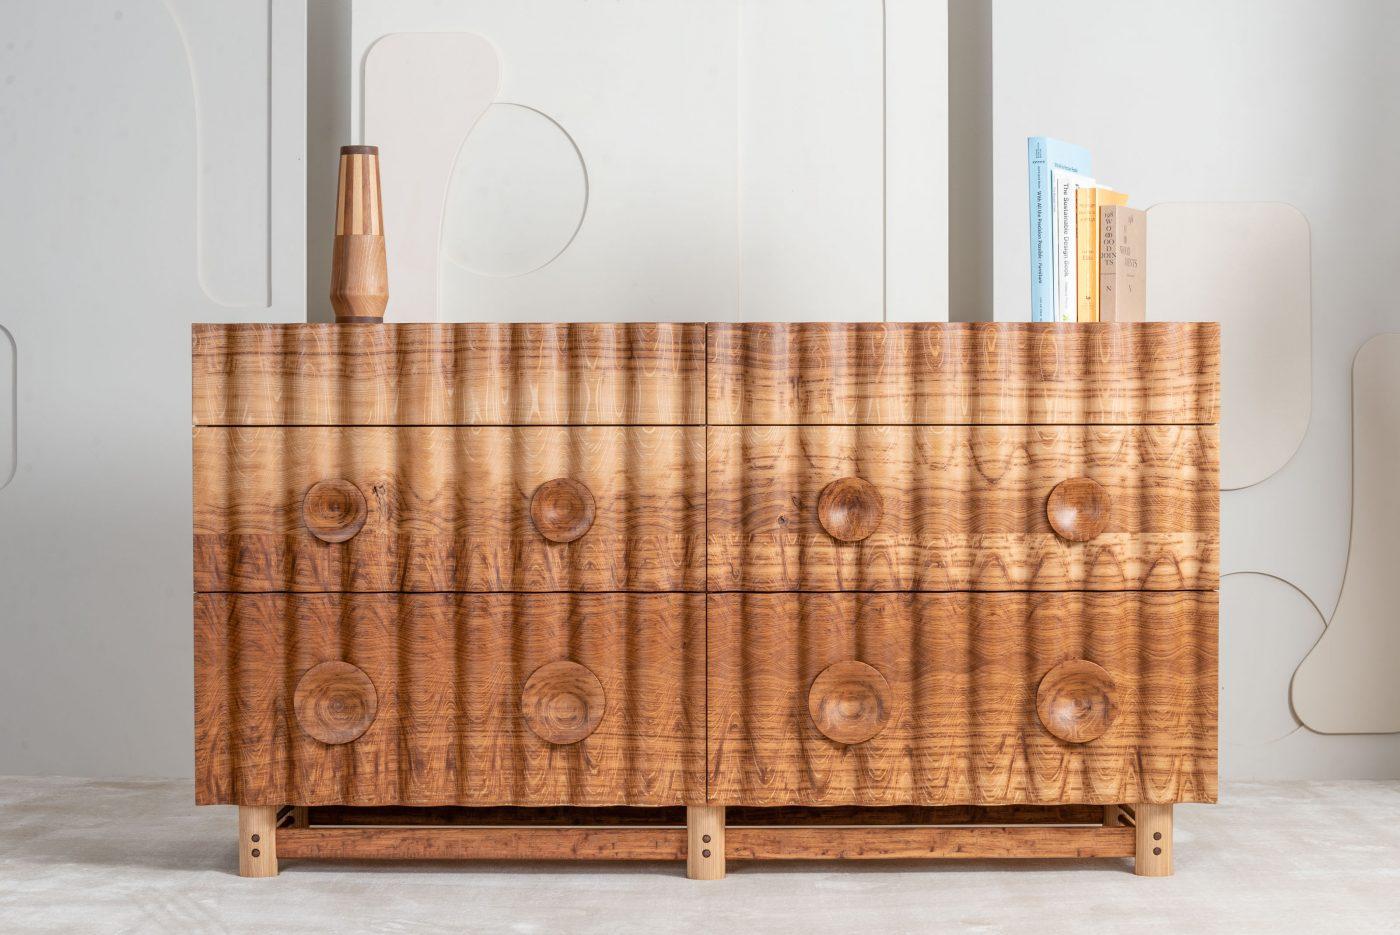 Jan Hendzel Studio double bowater brown oak WEB-3